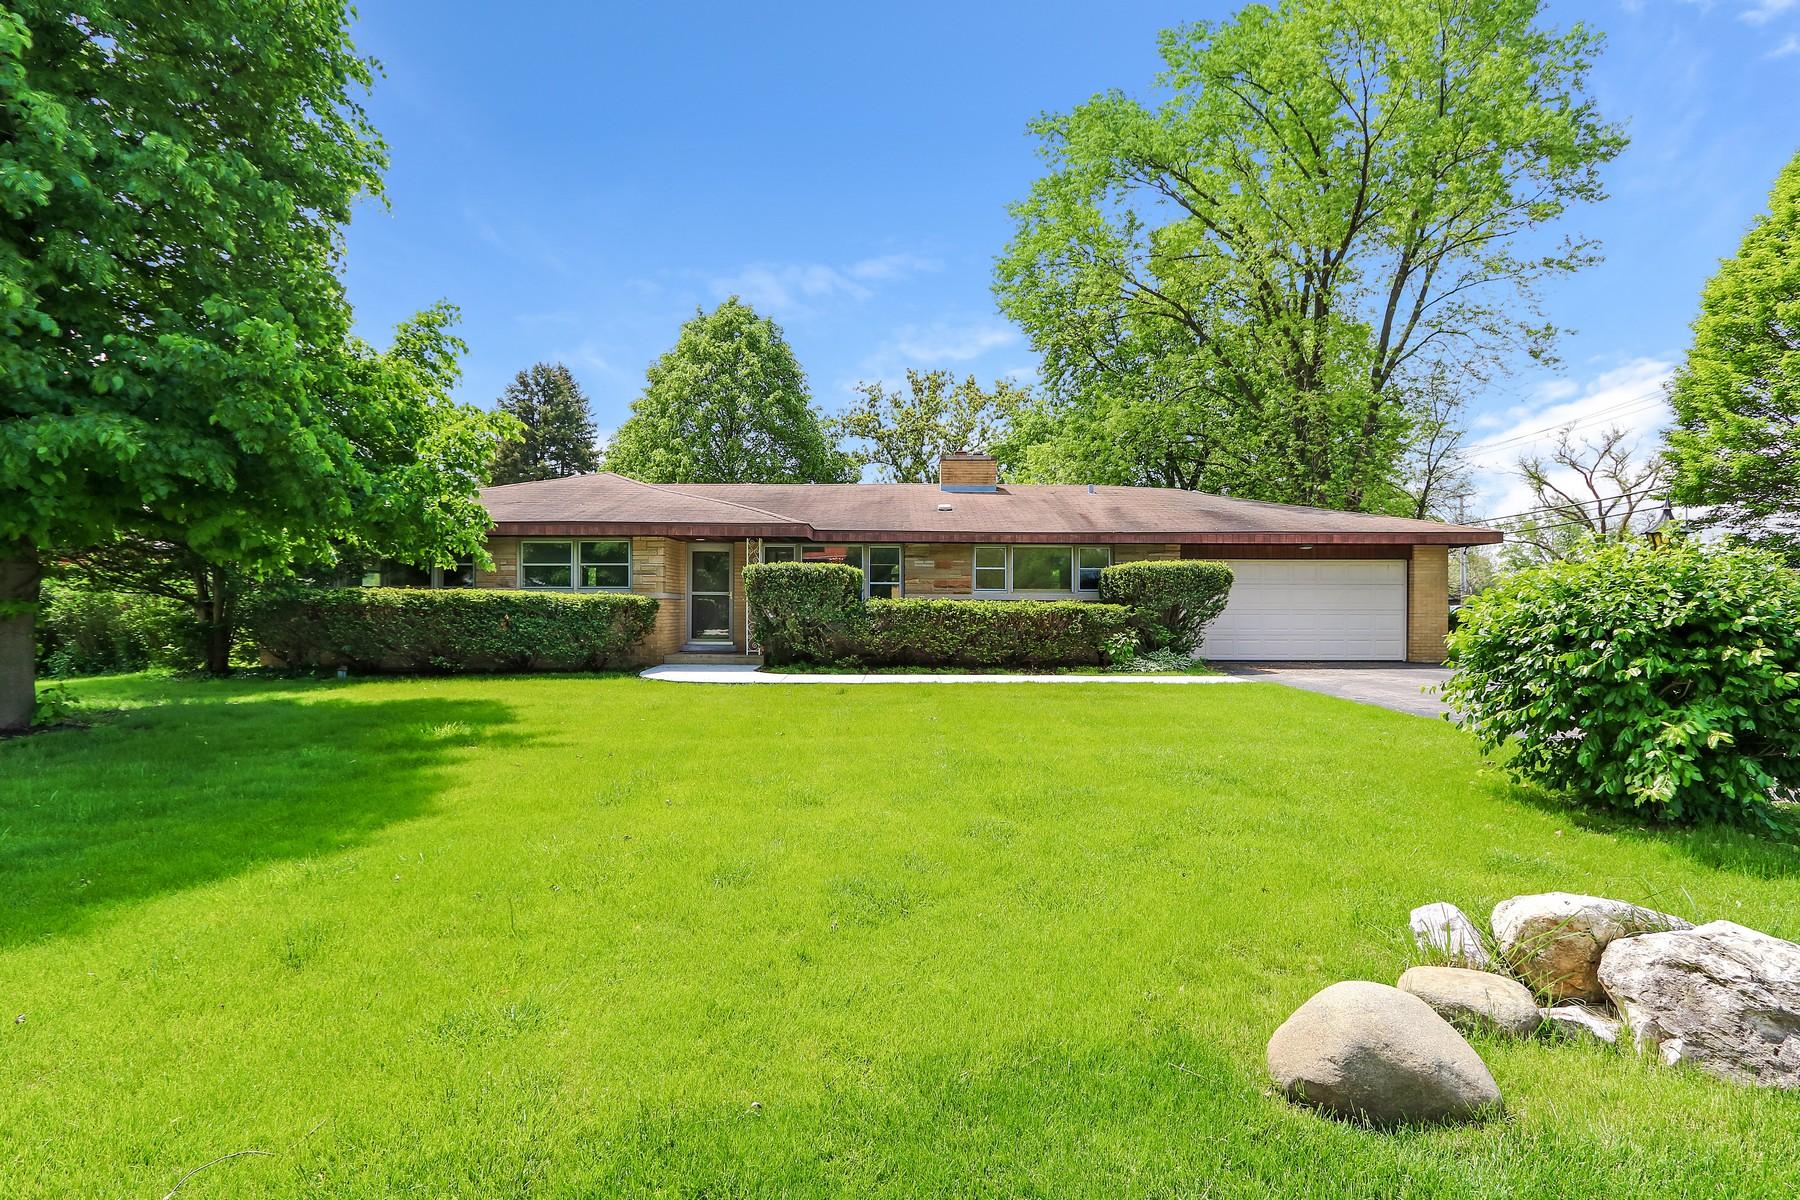 獨棟家庭住宅 為 出售 在 Move In Ready Brick Ranch 309 Viola Lane Prospect Heights, 伊利諾斯州, 60070 美國